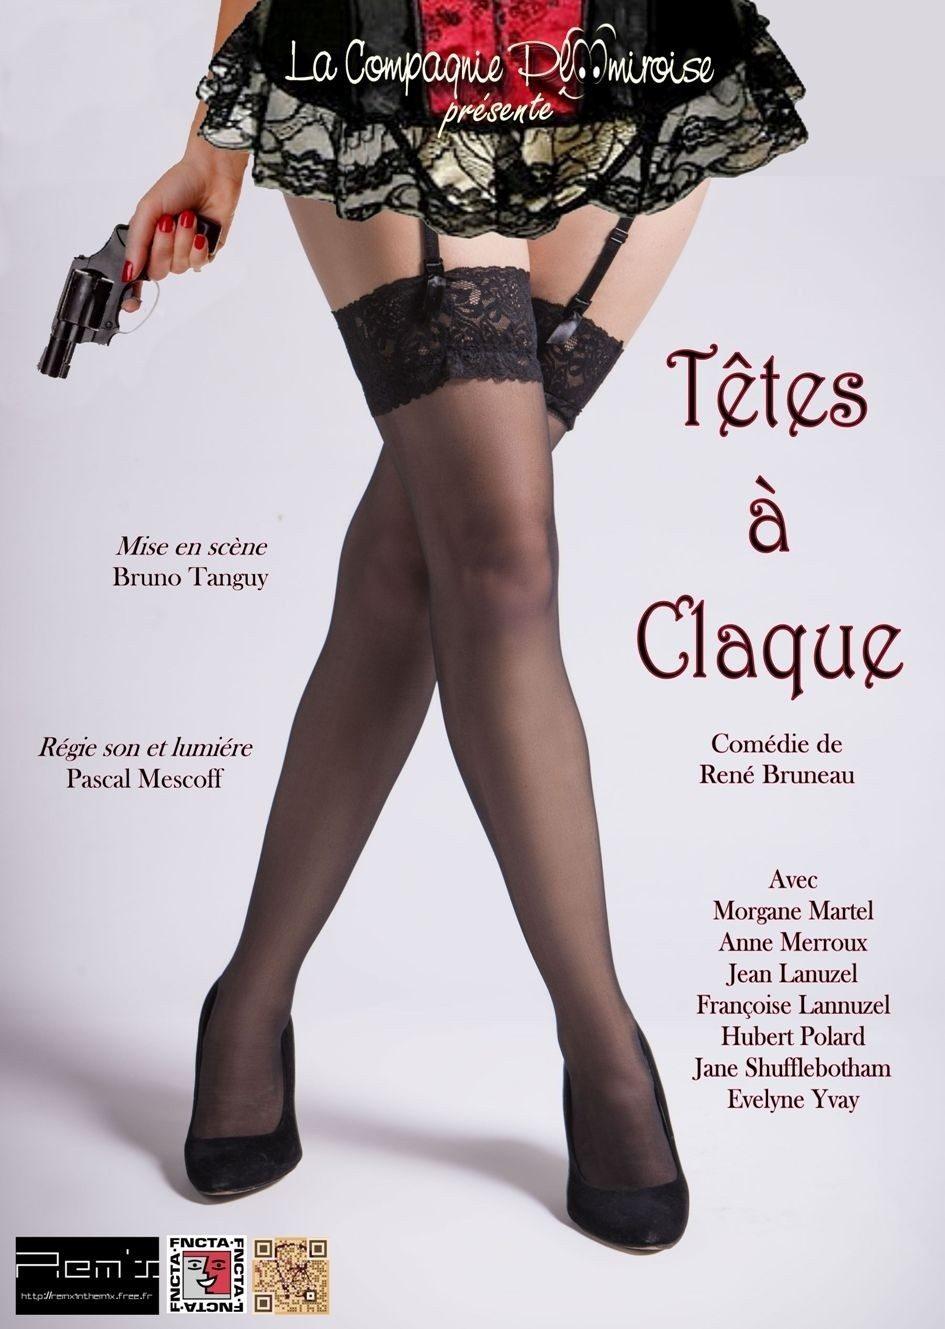 Comédie - Têtes à Claque par Cie Ploomiroise Porspoder